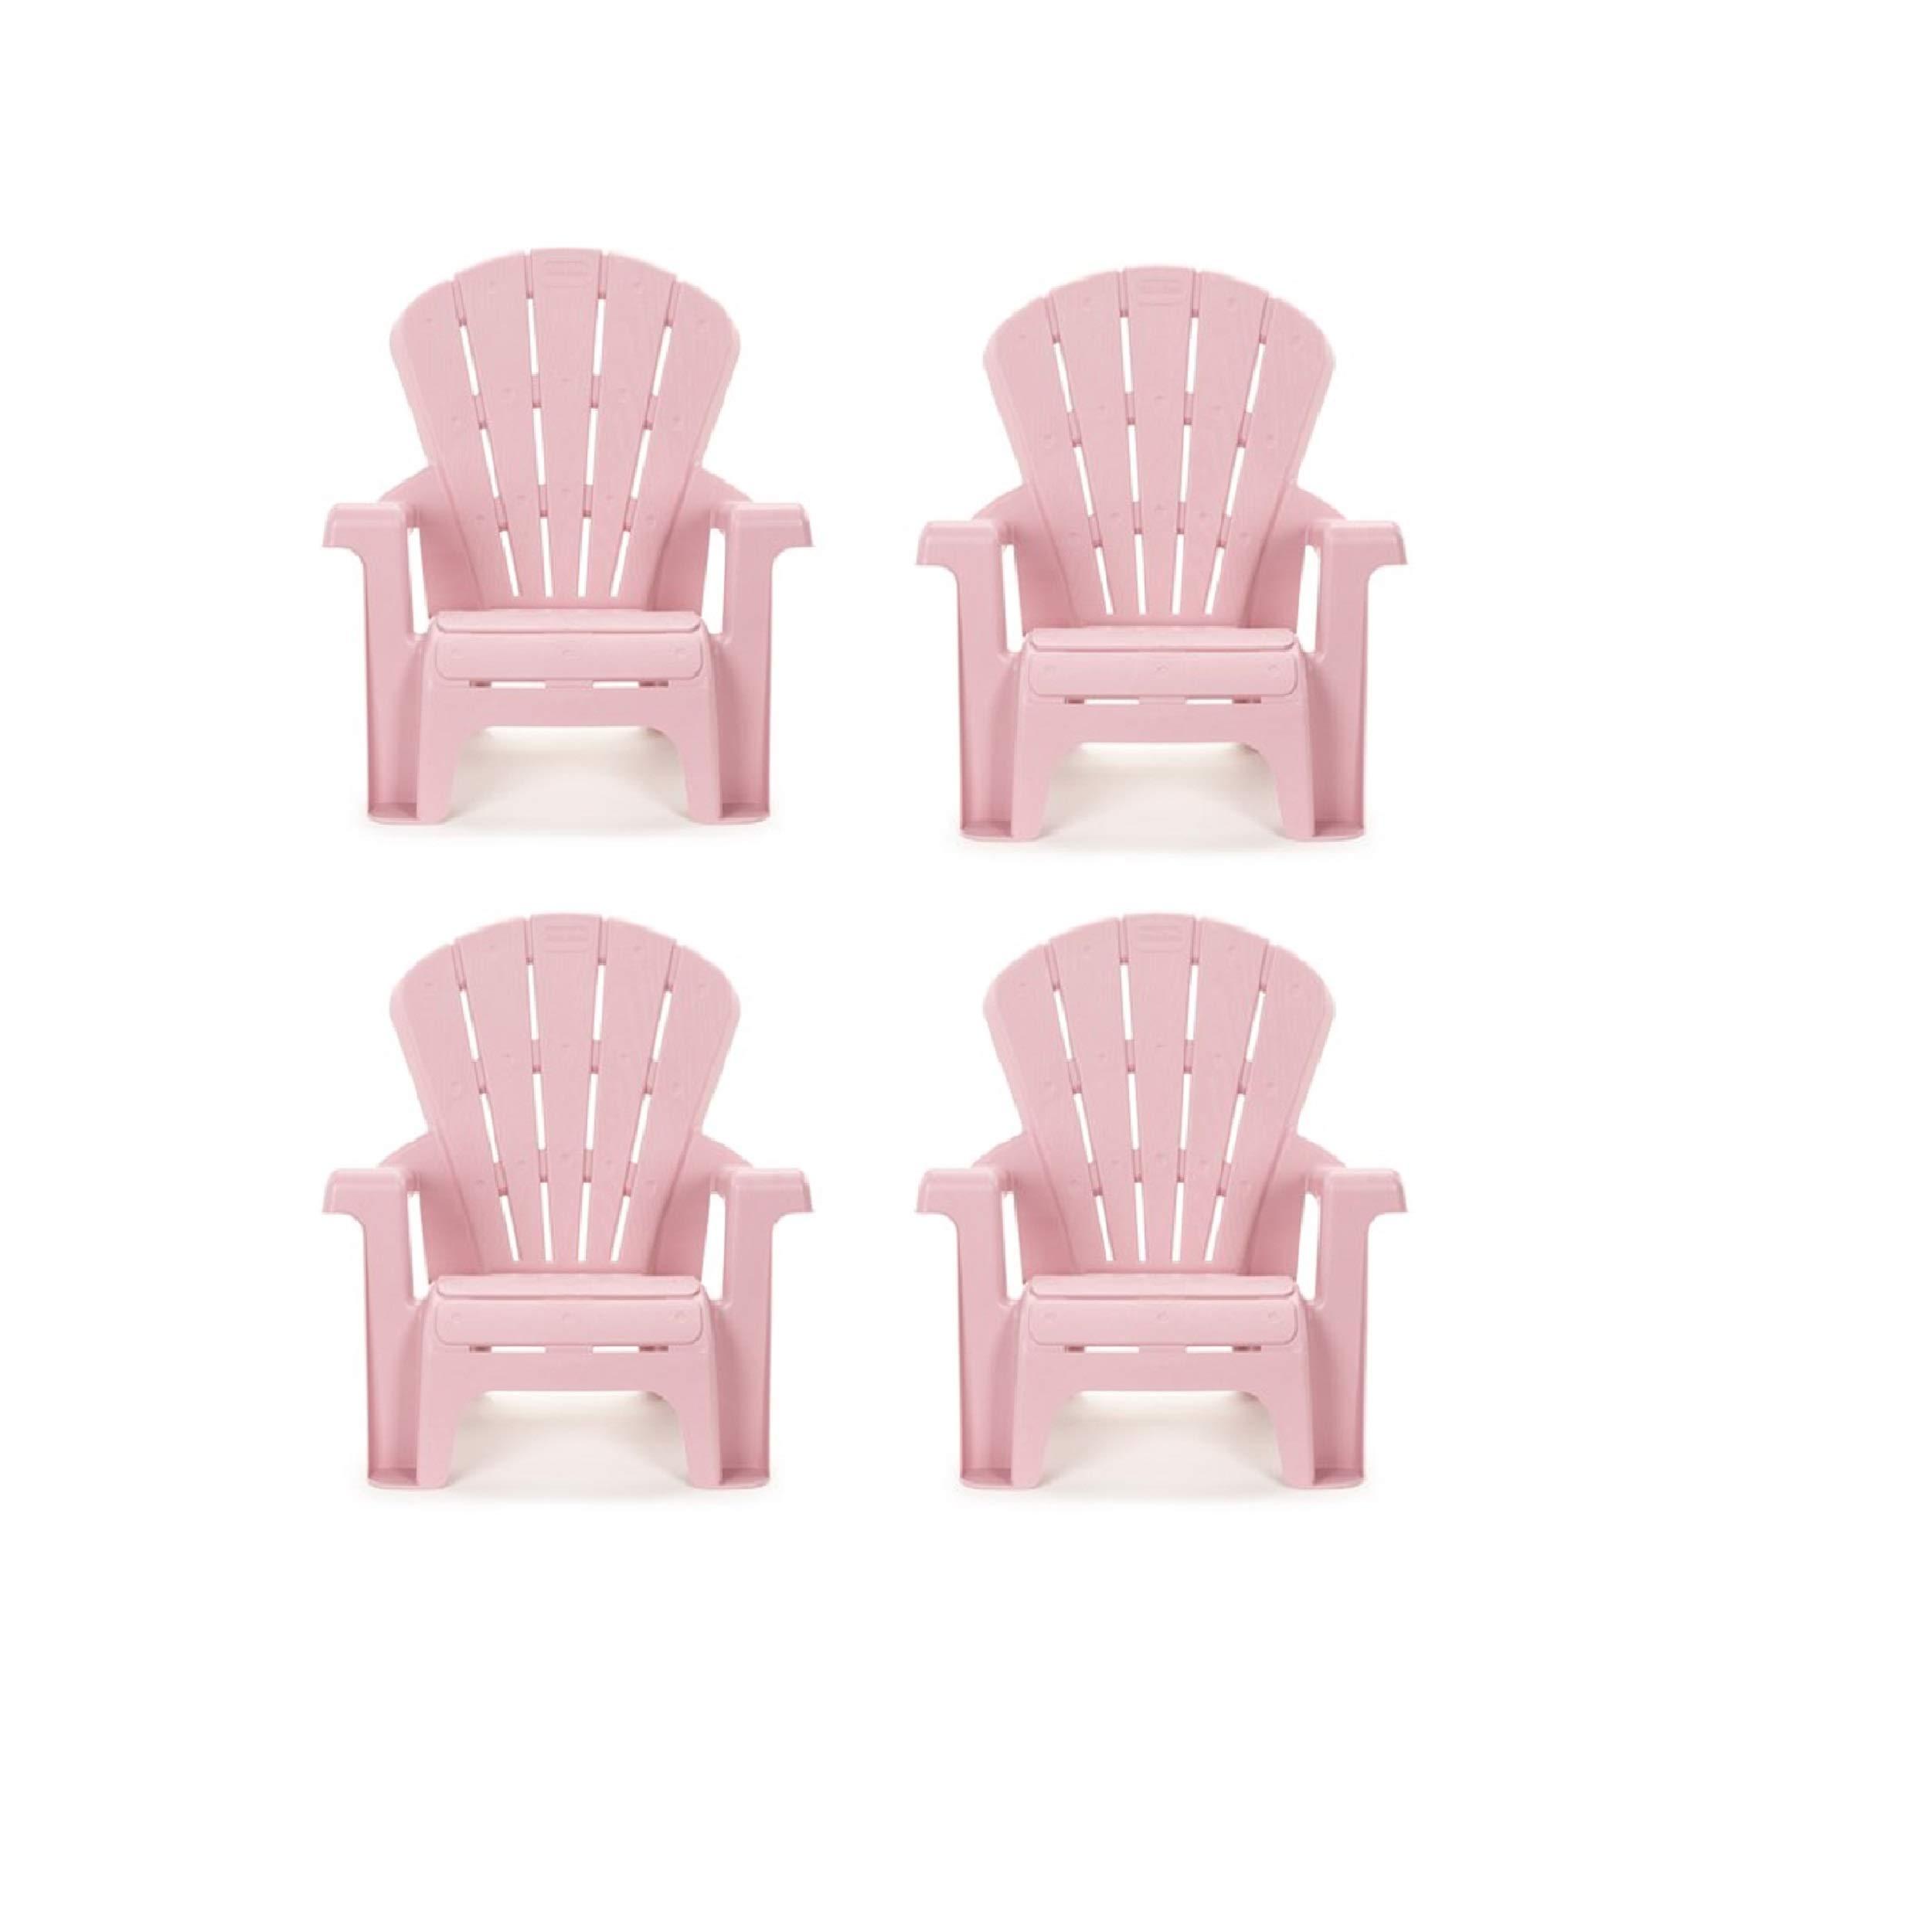 Little Tikes Garden Chair (4 Pieces), Pink